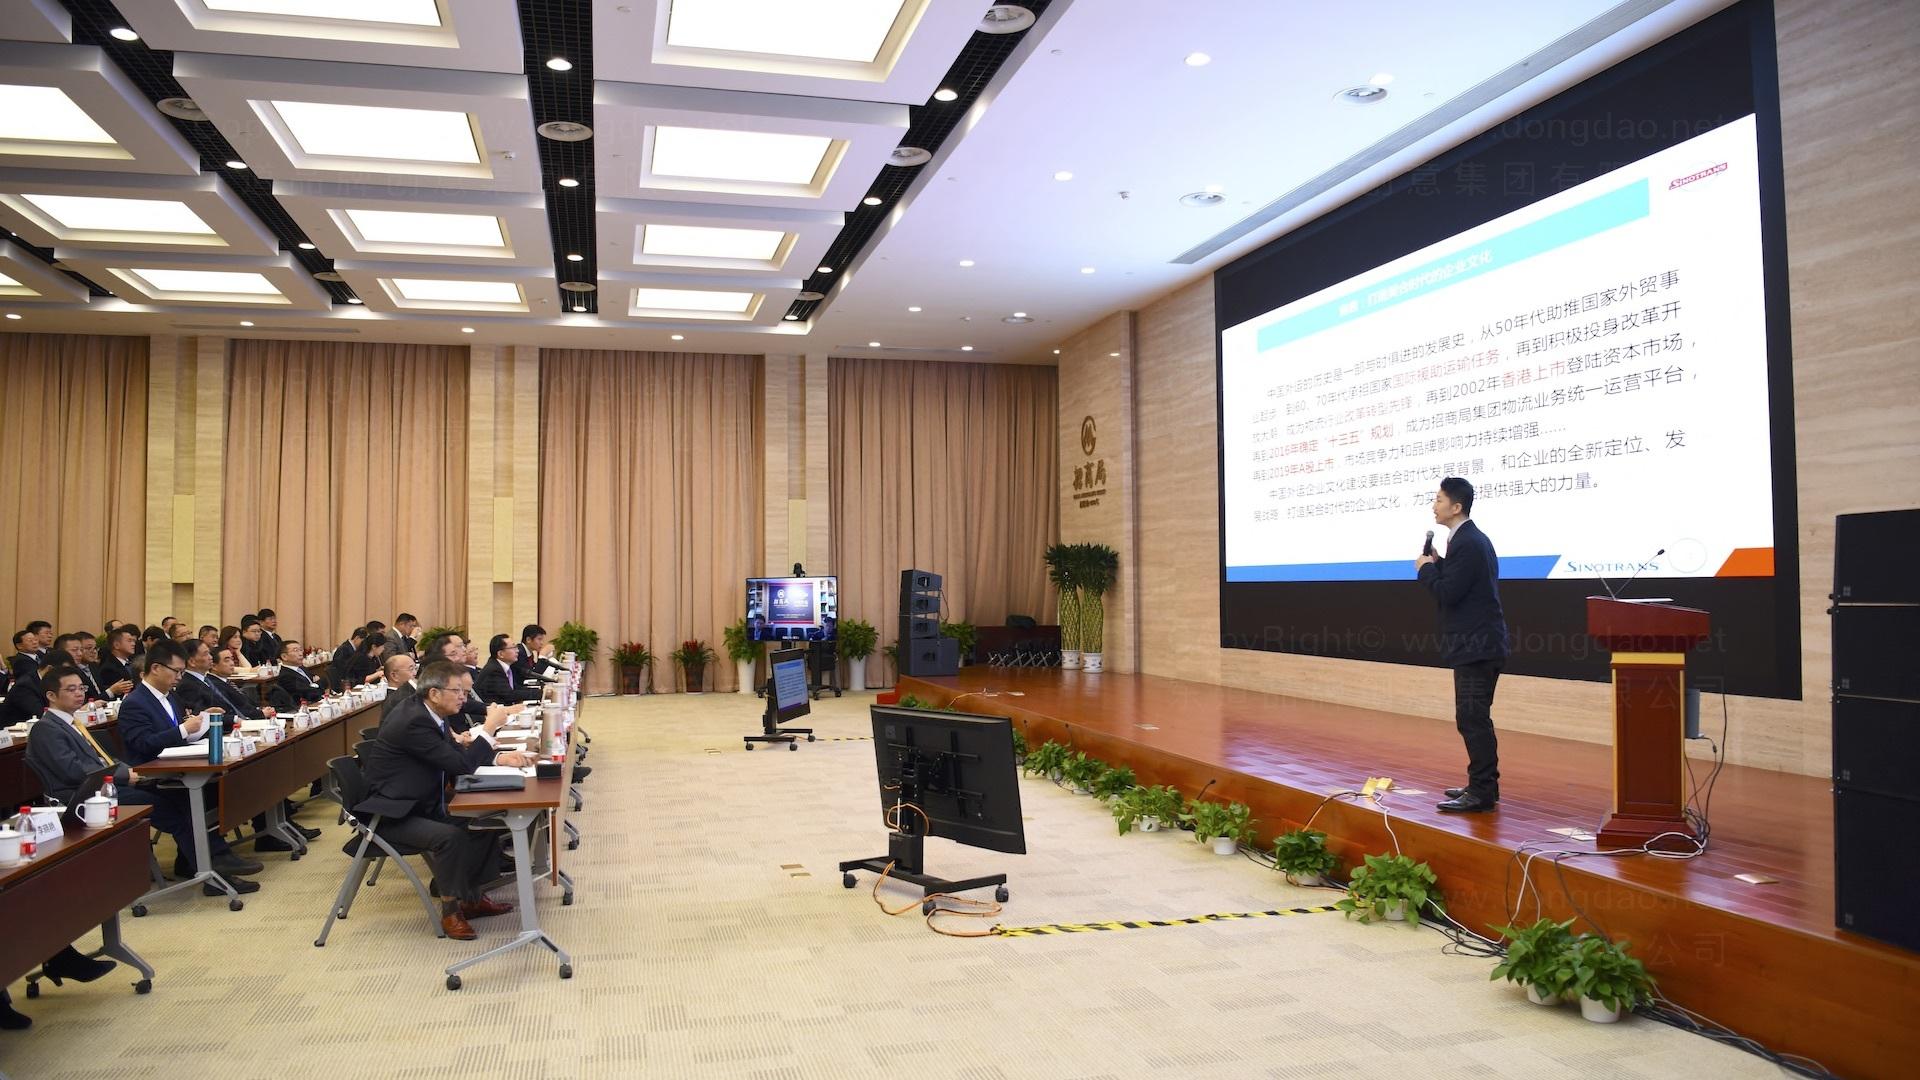 品牌战略&企业文化中国外运企业文化落地项目企业文化手册应用场景_32